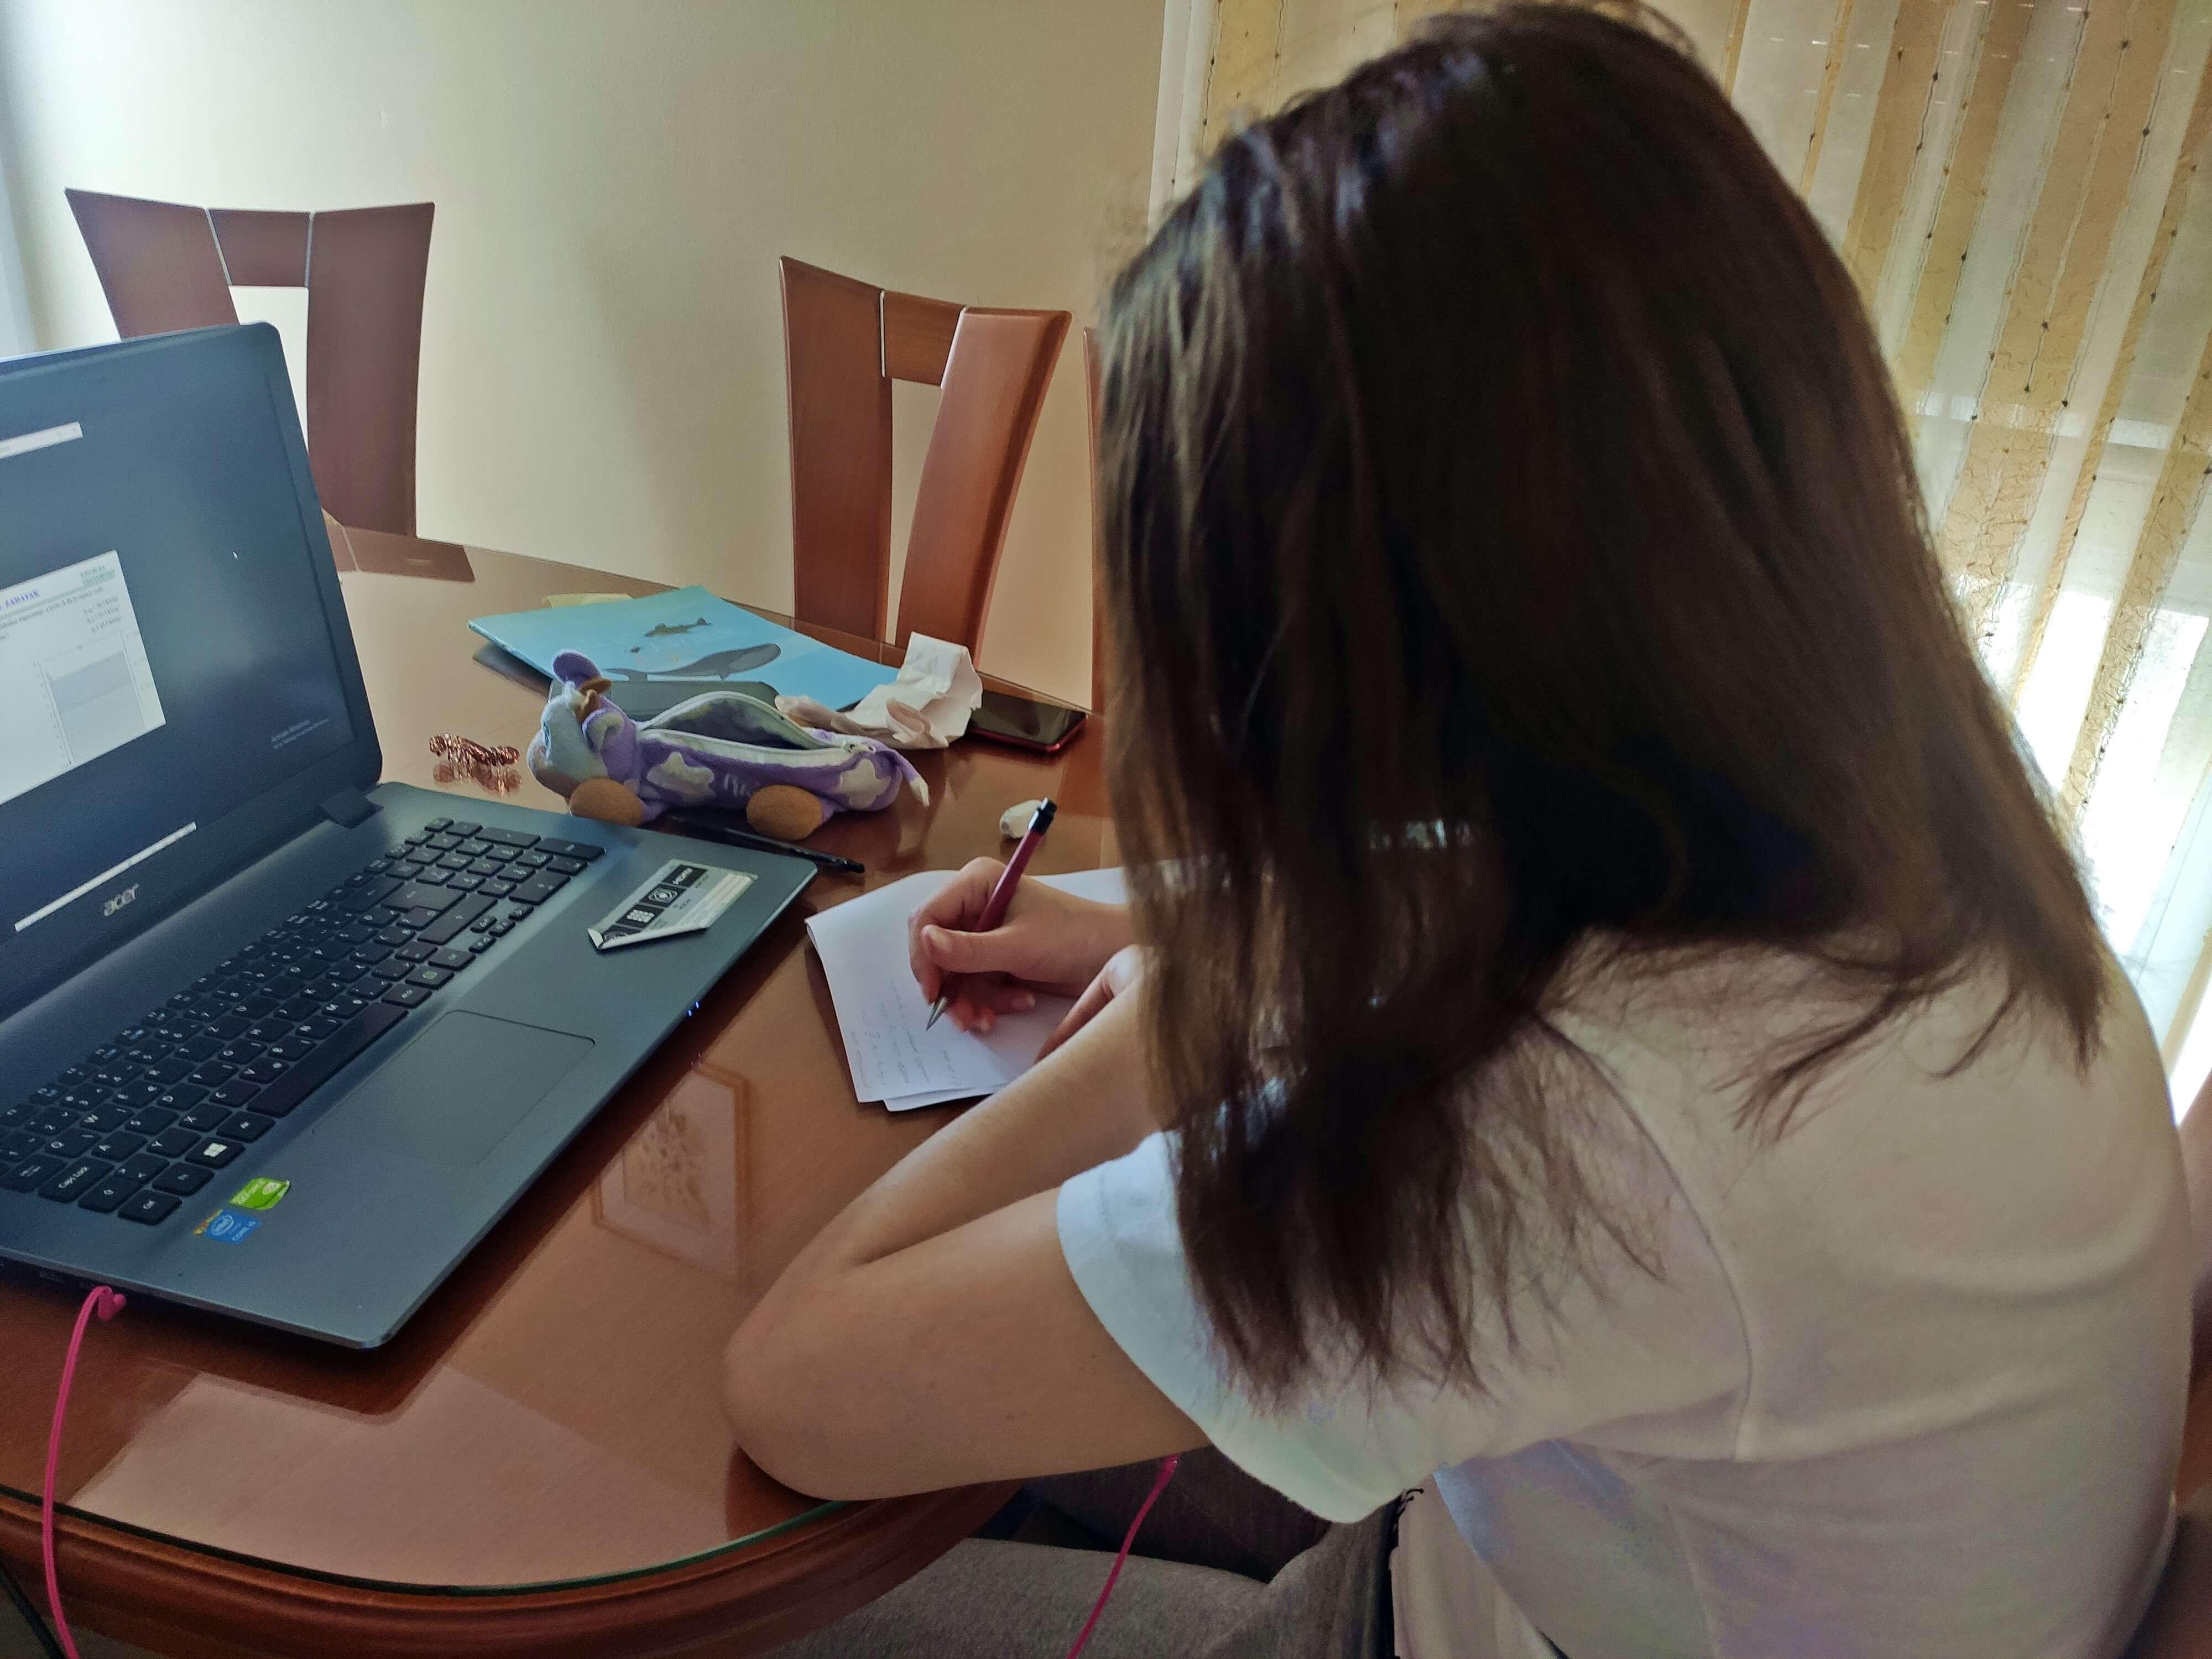 Studenti otkrili kako se motiviraju za učenje u online uvjetima: 'To je uvijek bio problem, ima dana kada se osjećam bespomoćno'